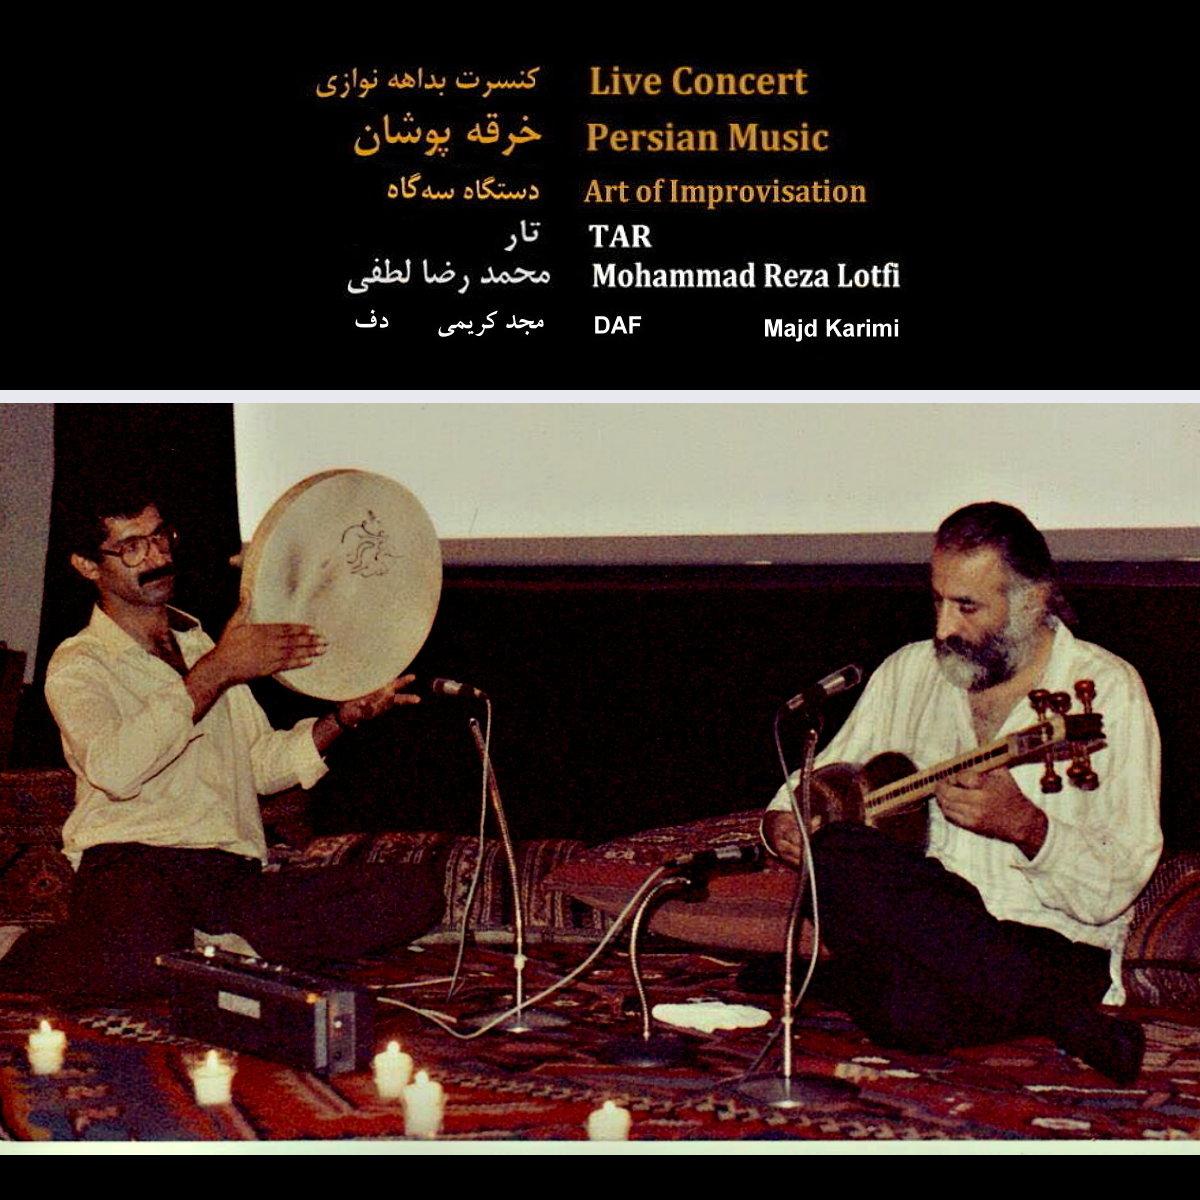 خرقهپوشان - بداههنوازی و بداههخوانی محمدرضا لطفی و مجد کریمی در سهگاه